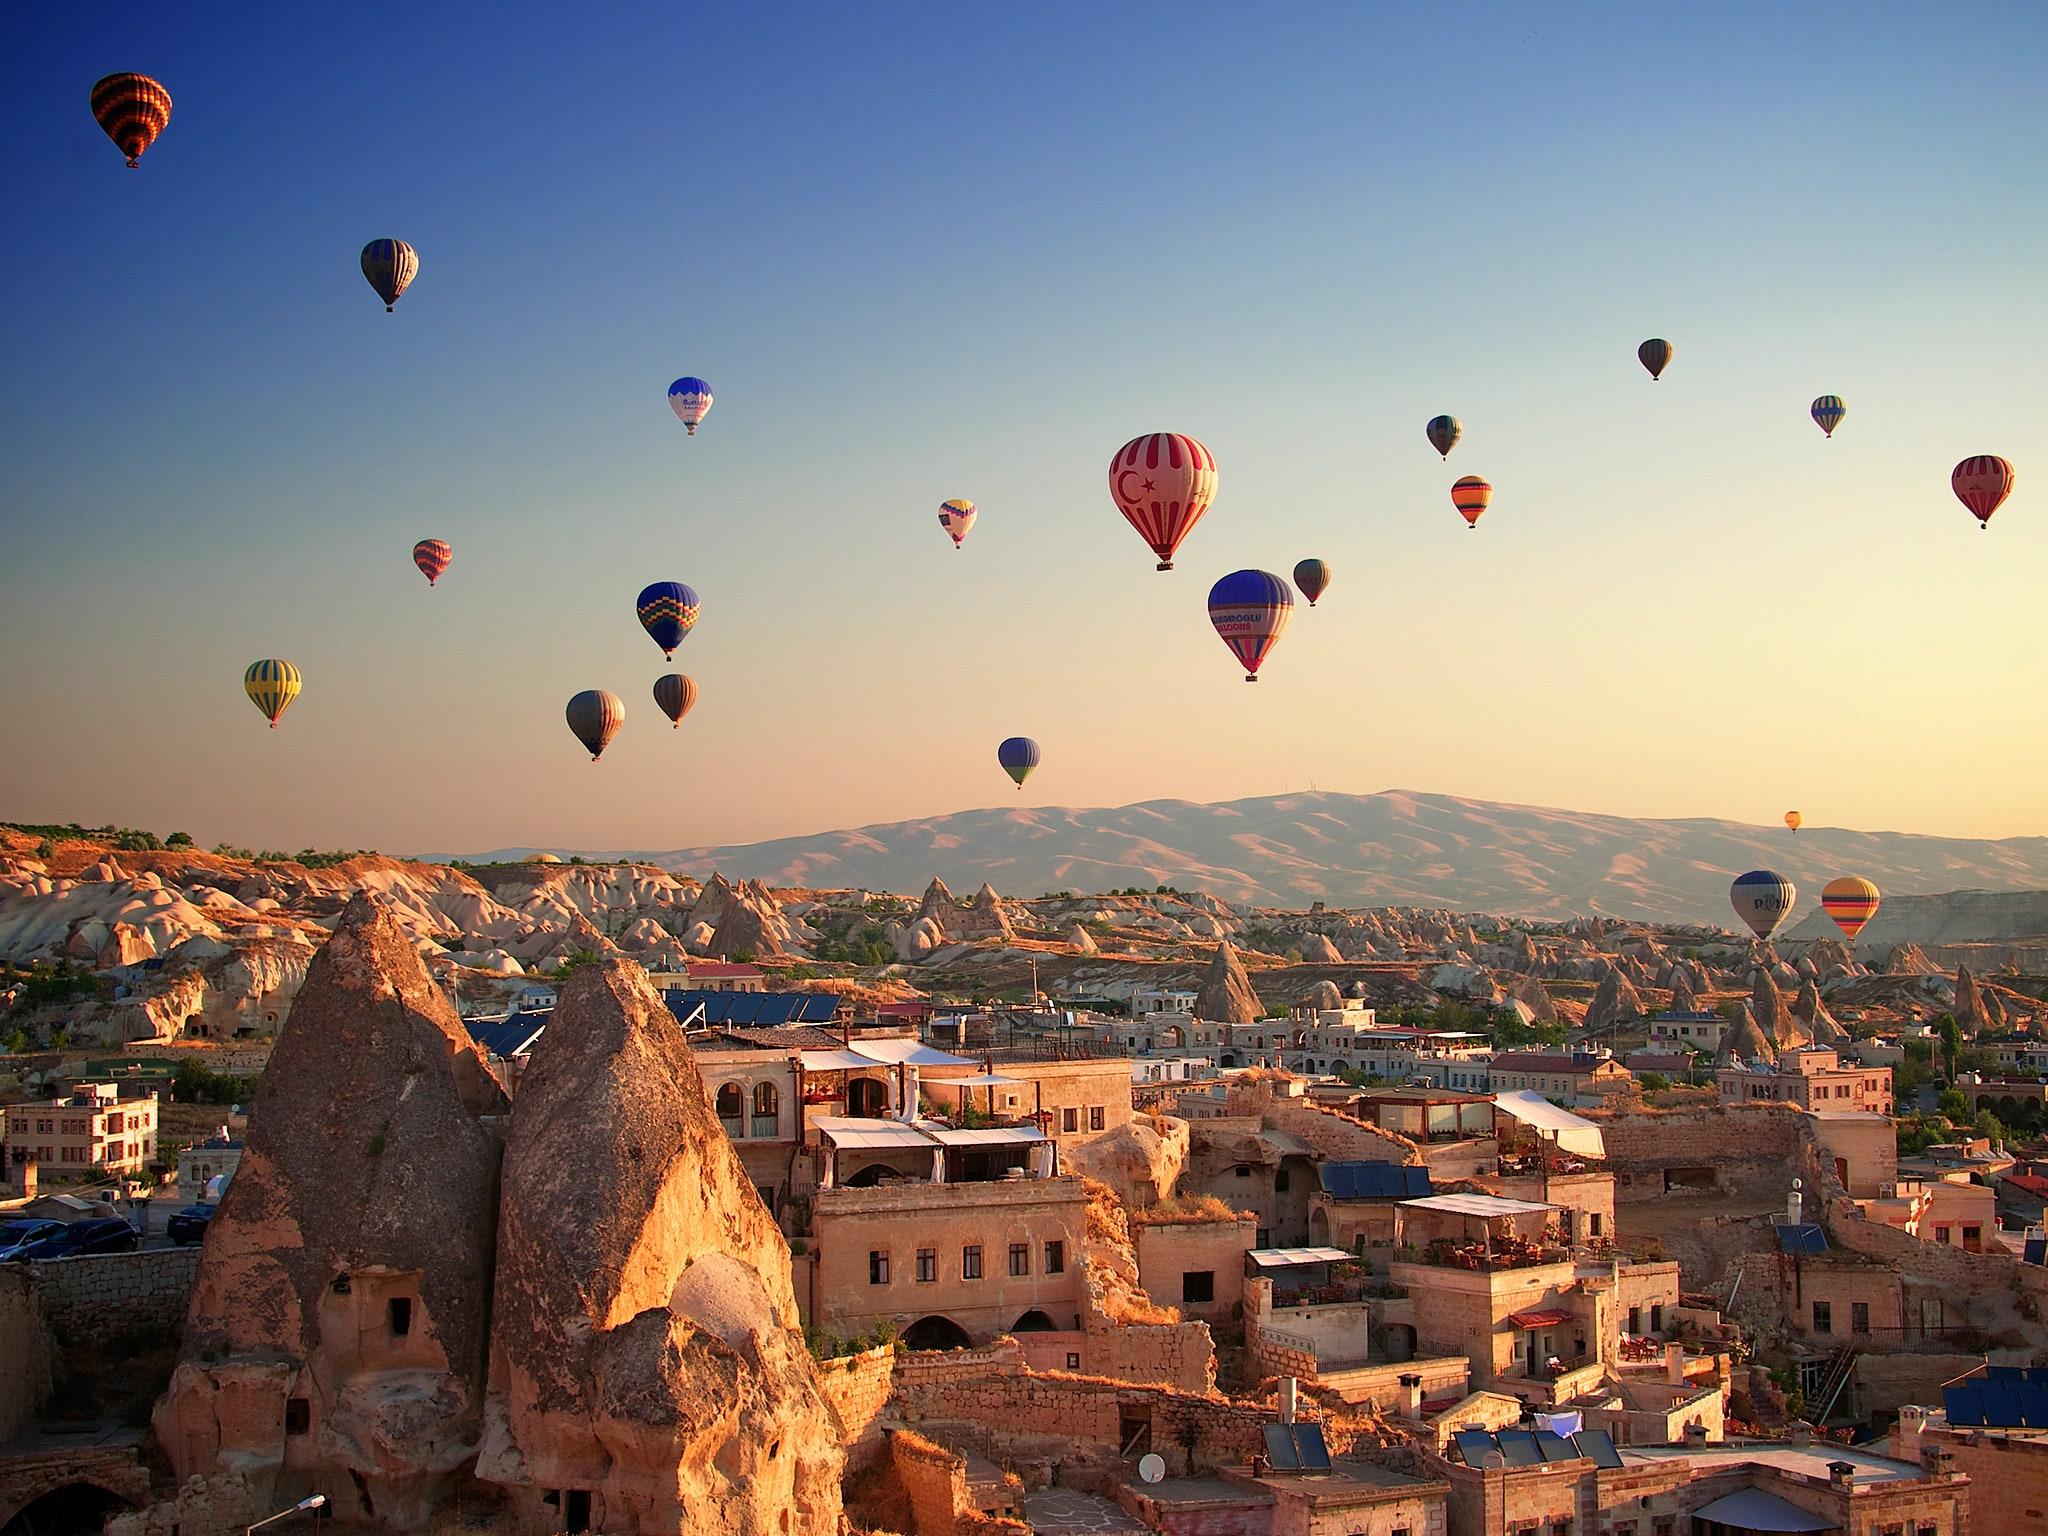 Hình ảnh khinh khí cầu cực đẹp ở Thổ Nhĩ Kỳ